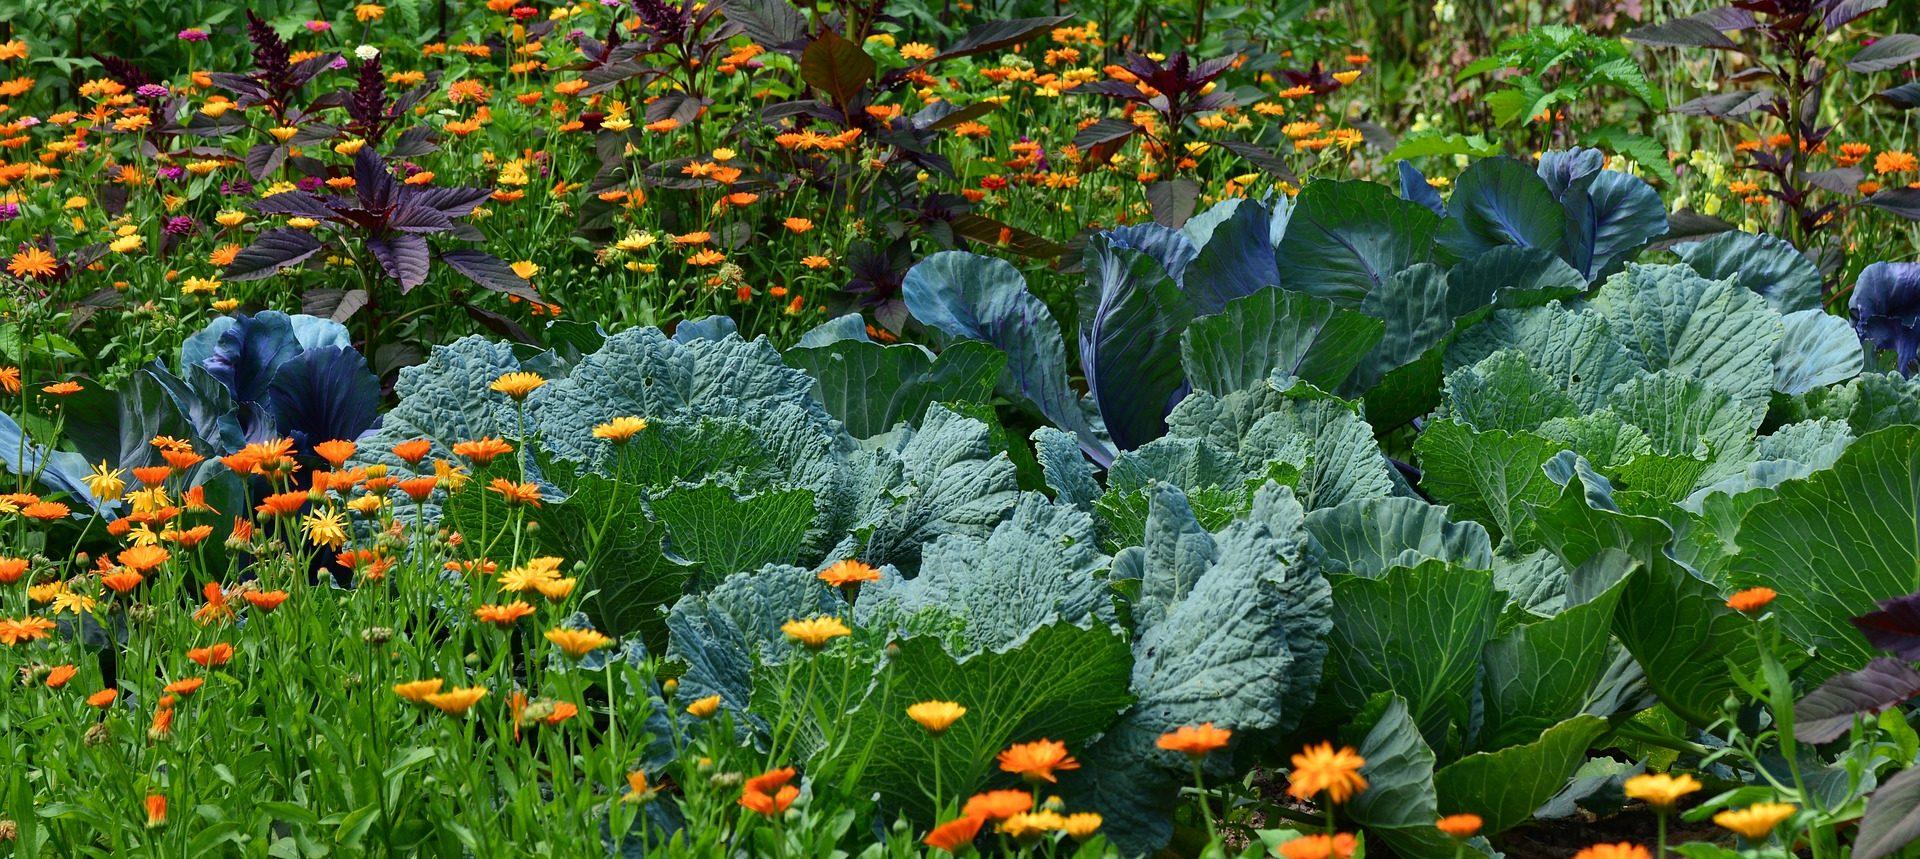 Weißkohl und Ringelblumen in einem naturnahen Garten